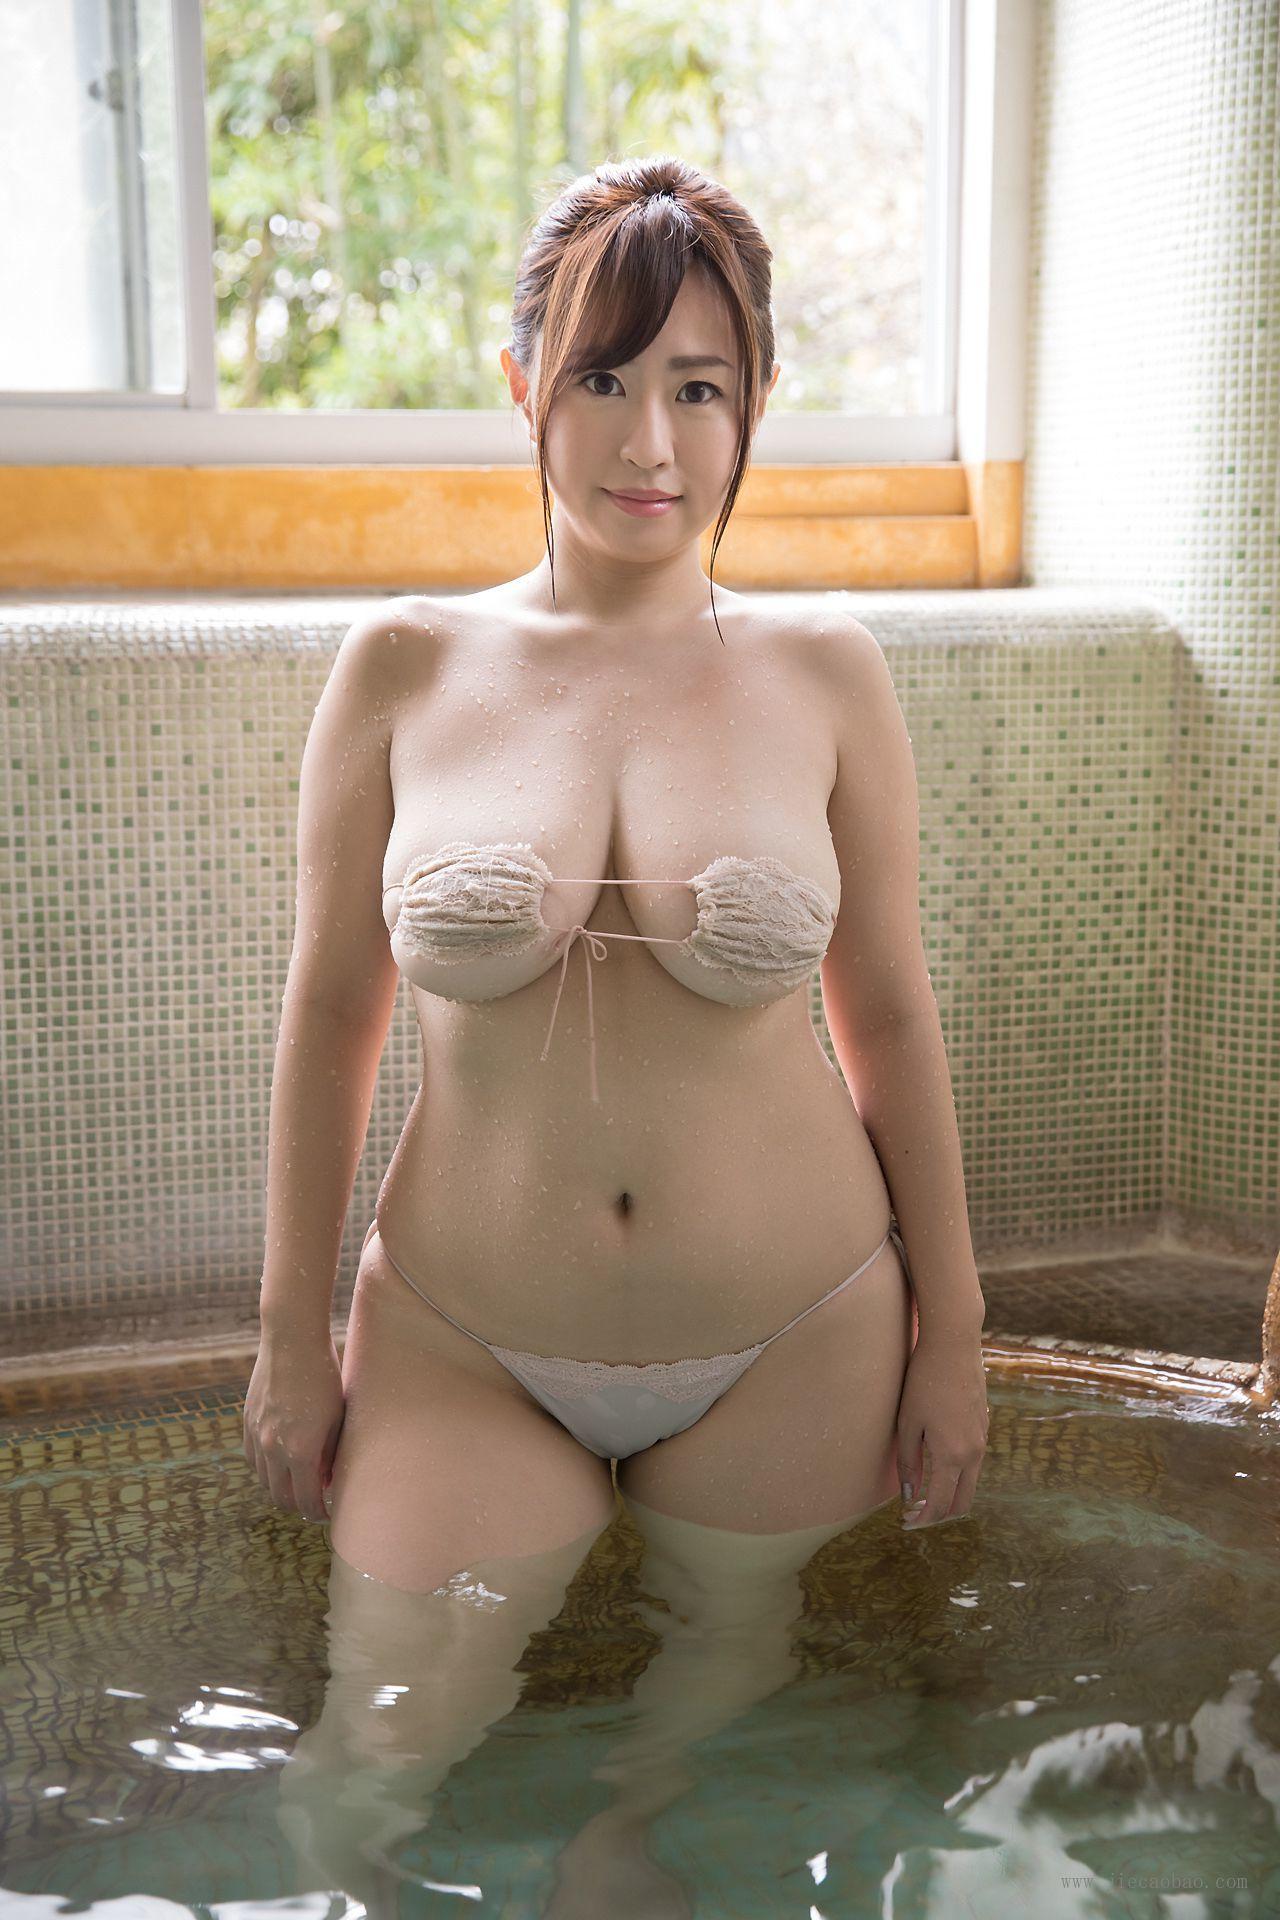 日本女性演员水树玉、水樹たま、个人资料以及写真作品欣赏